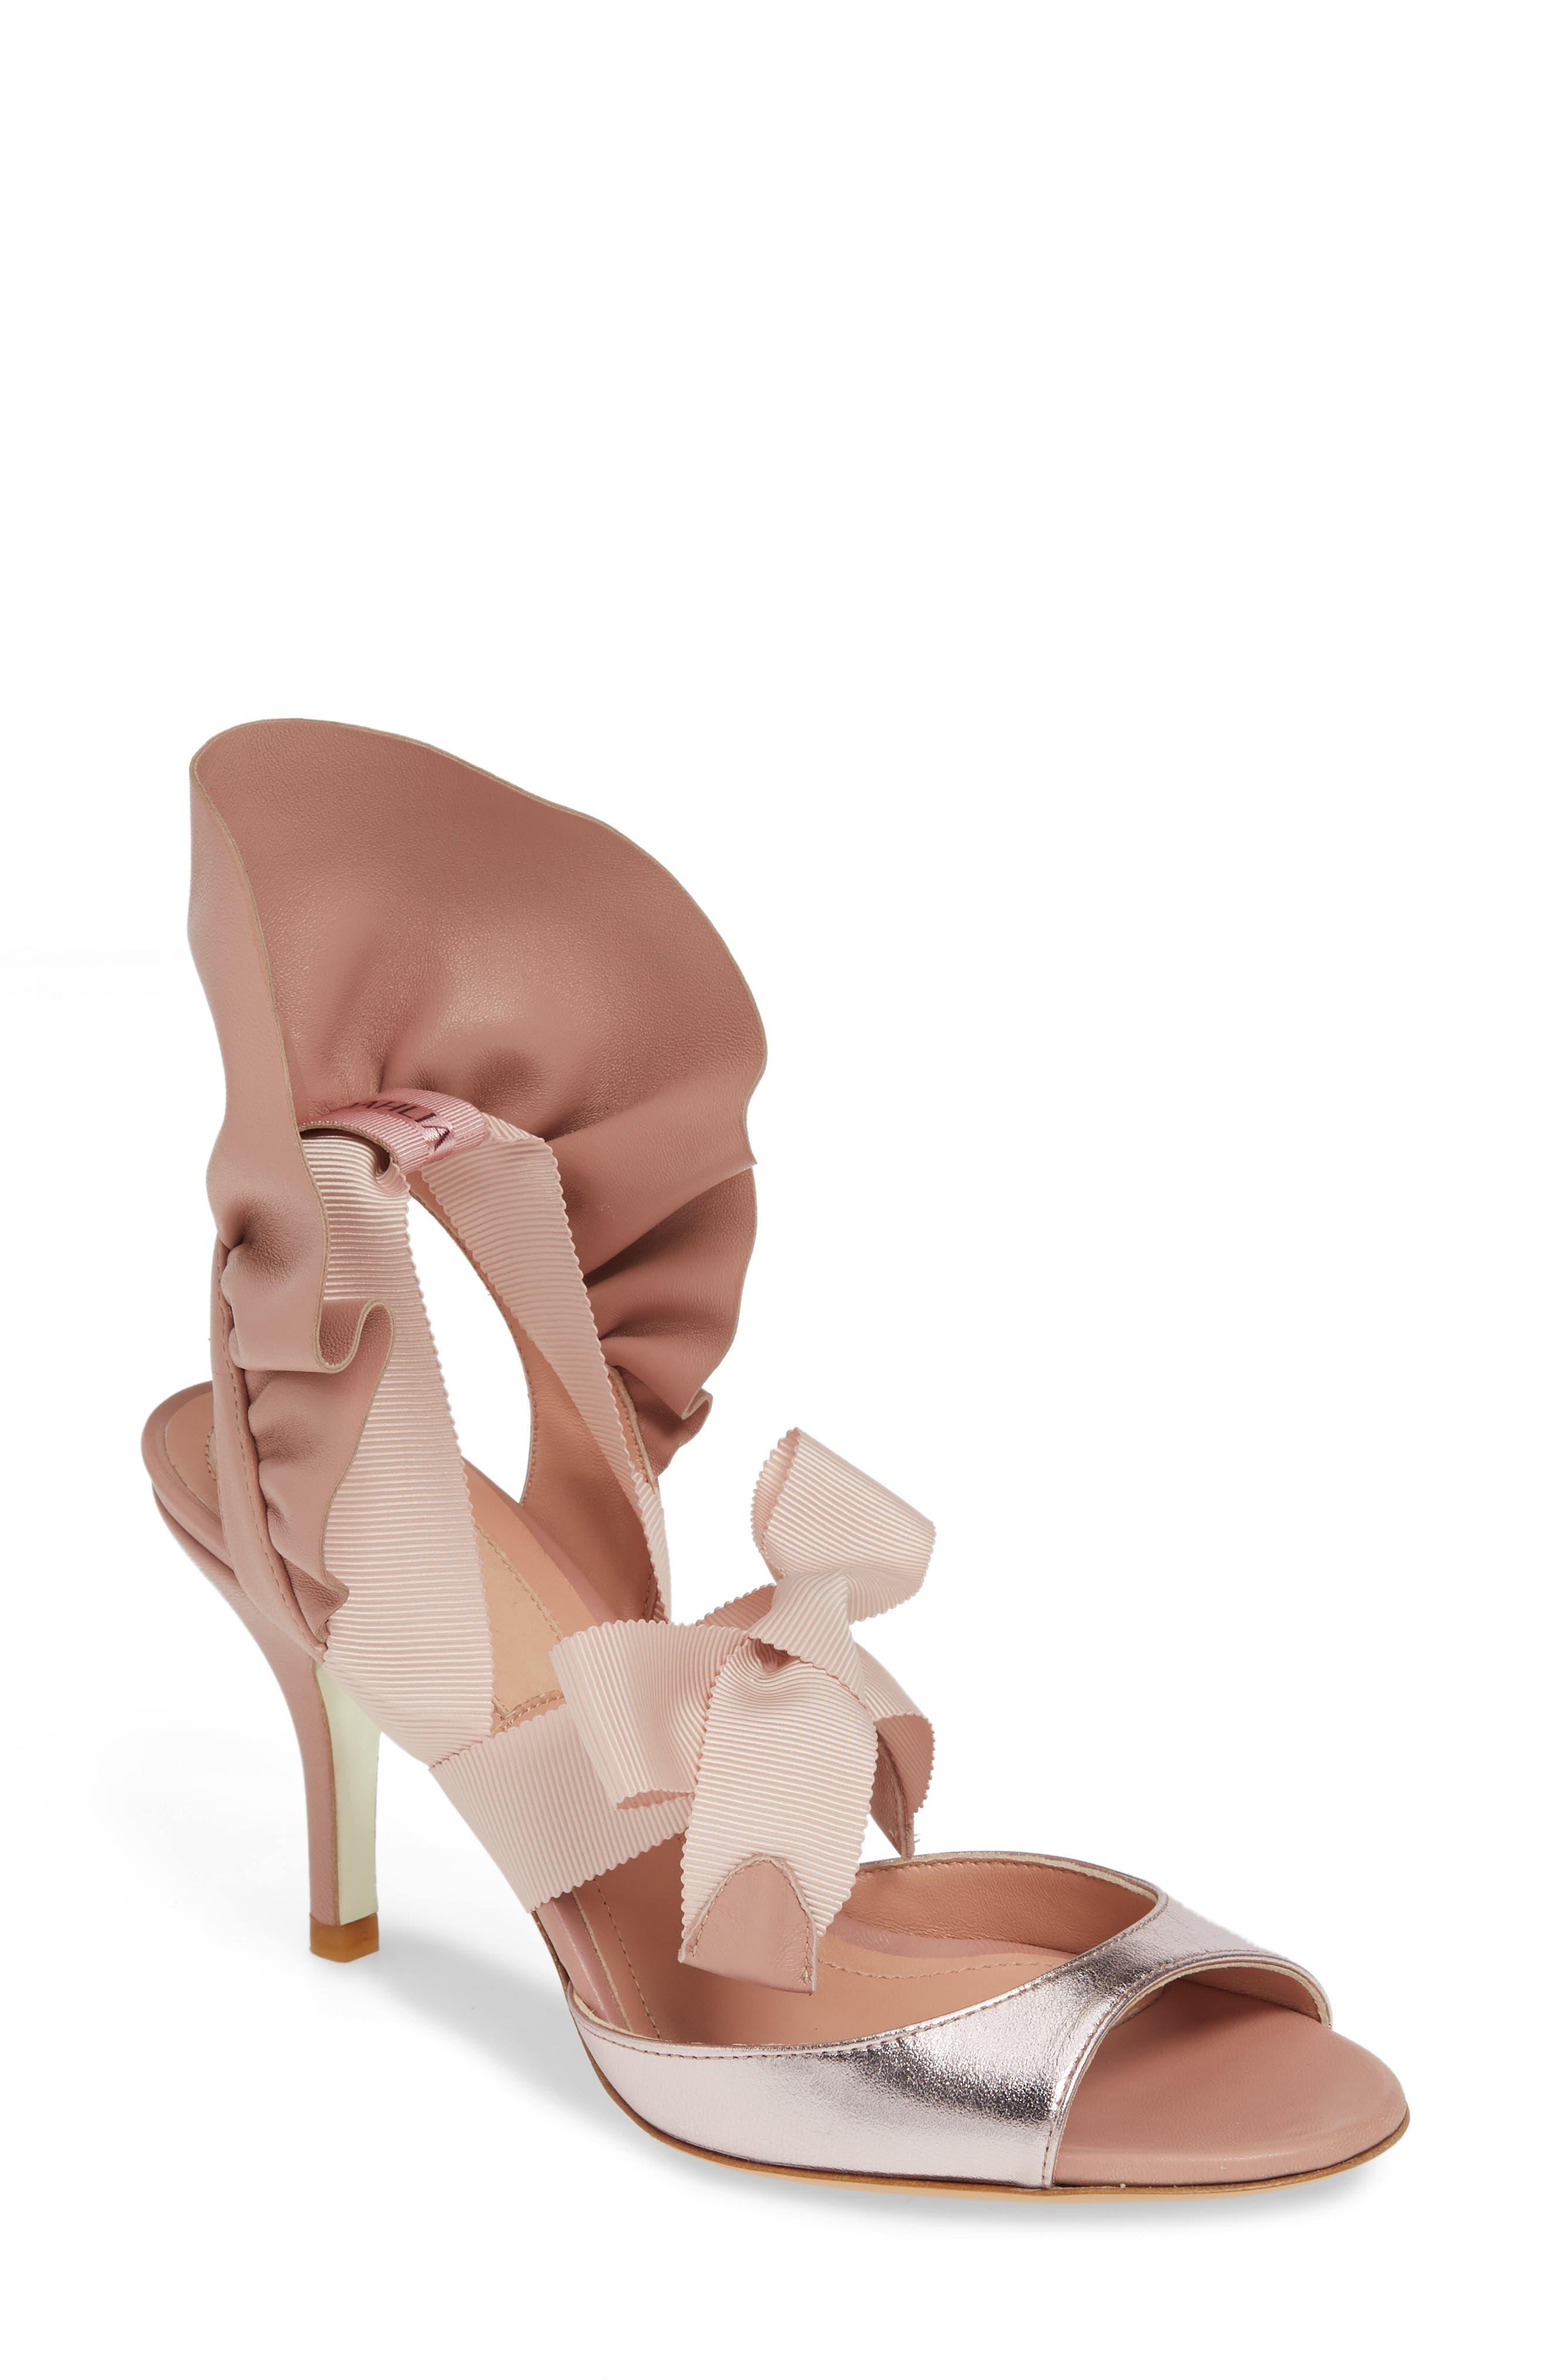 Dahlia Selva Frills For All Sandal, Pink